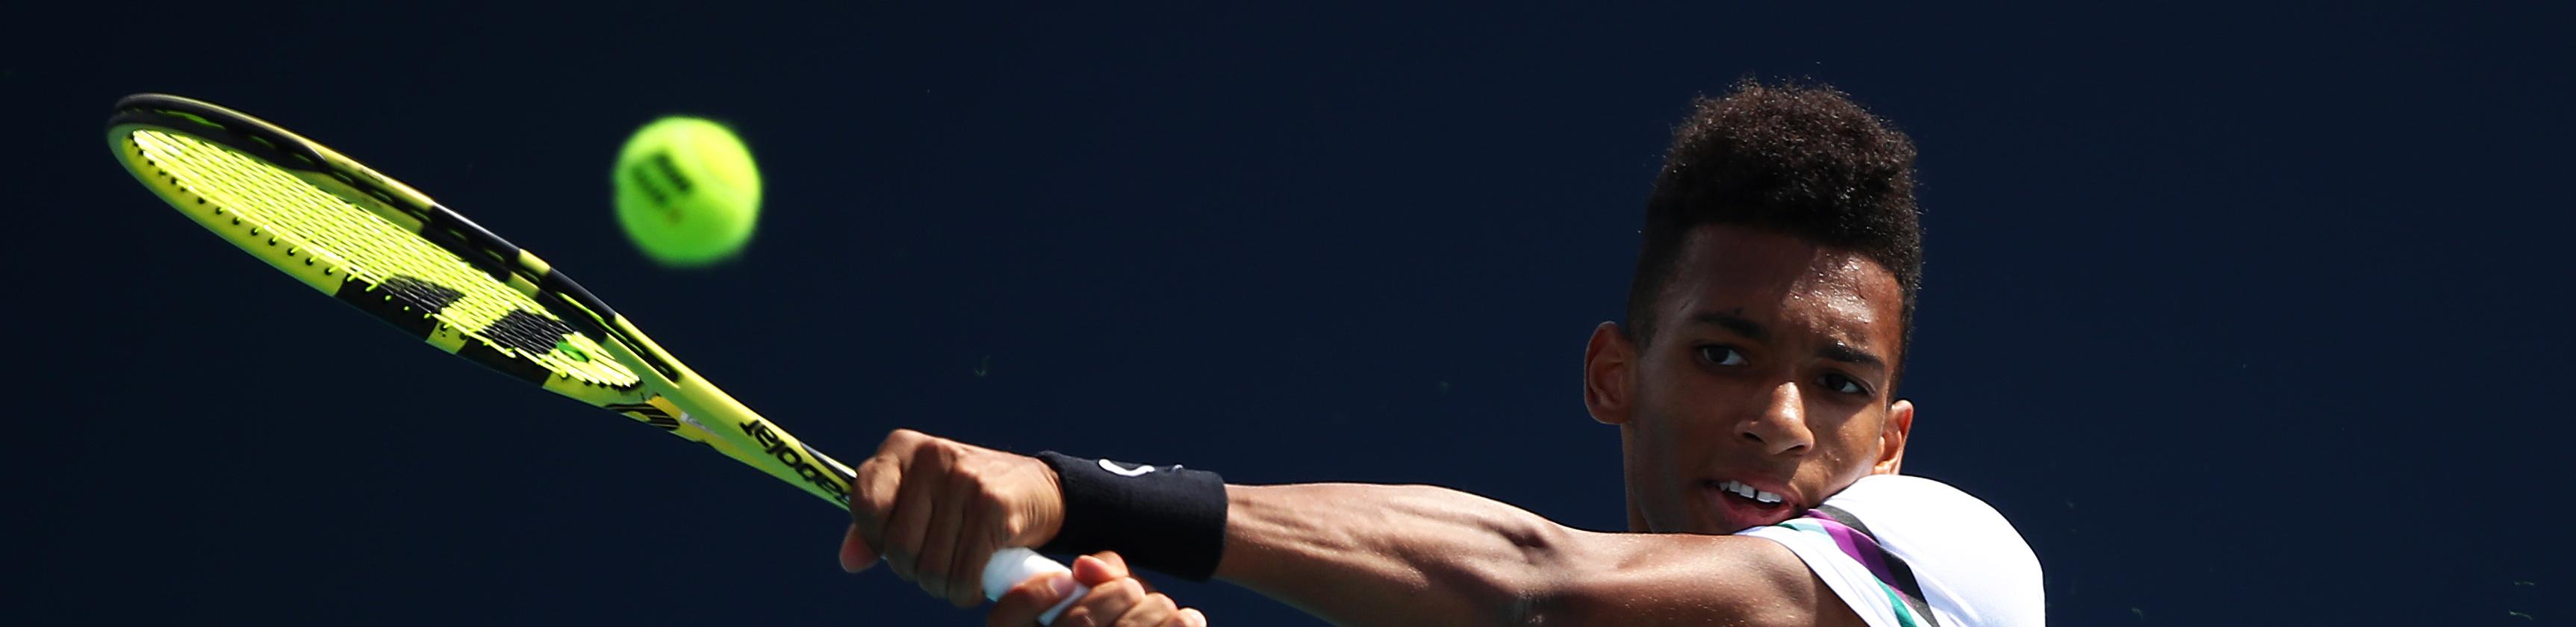 ATP Miami, due consigli per martedì 26 marzo